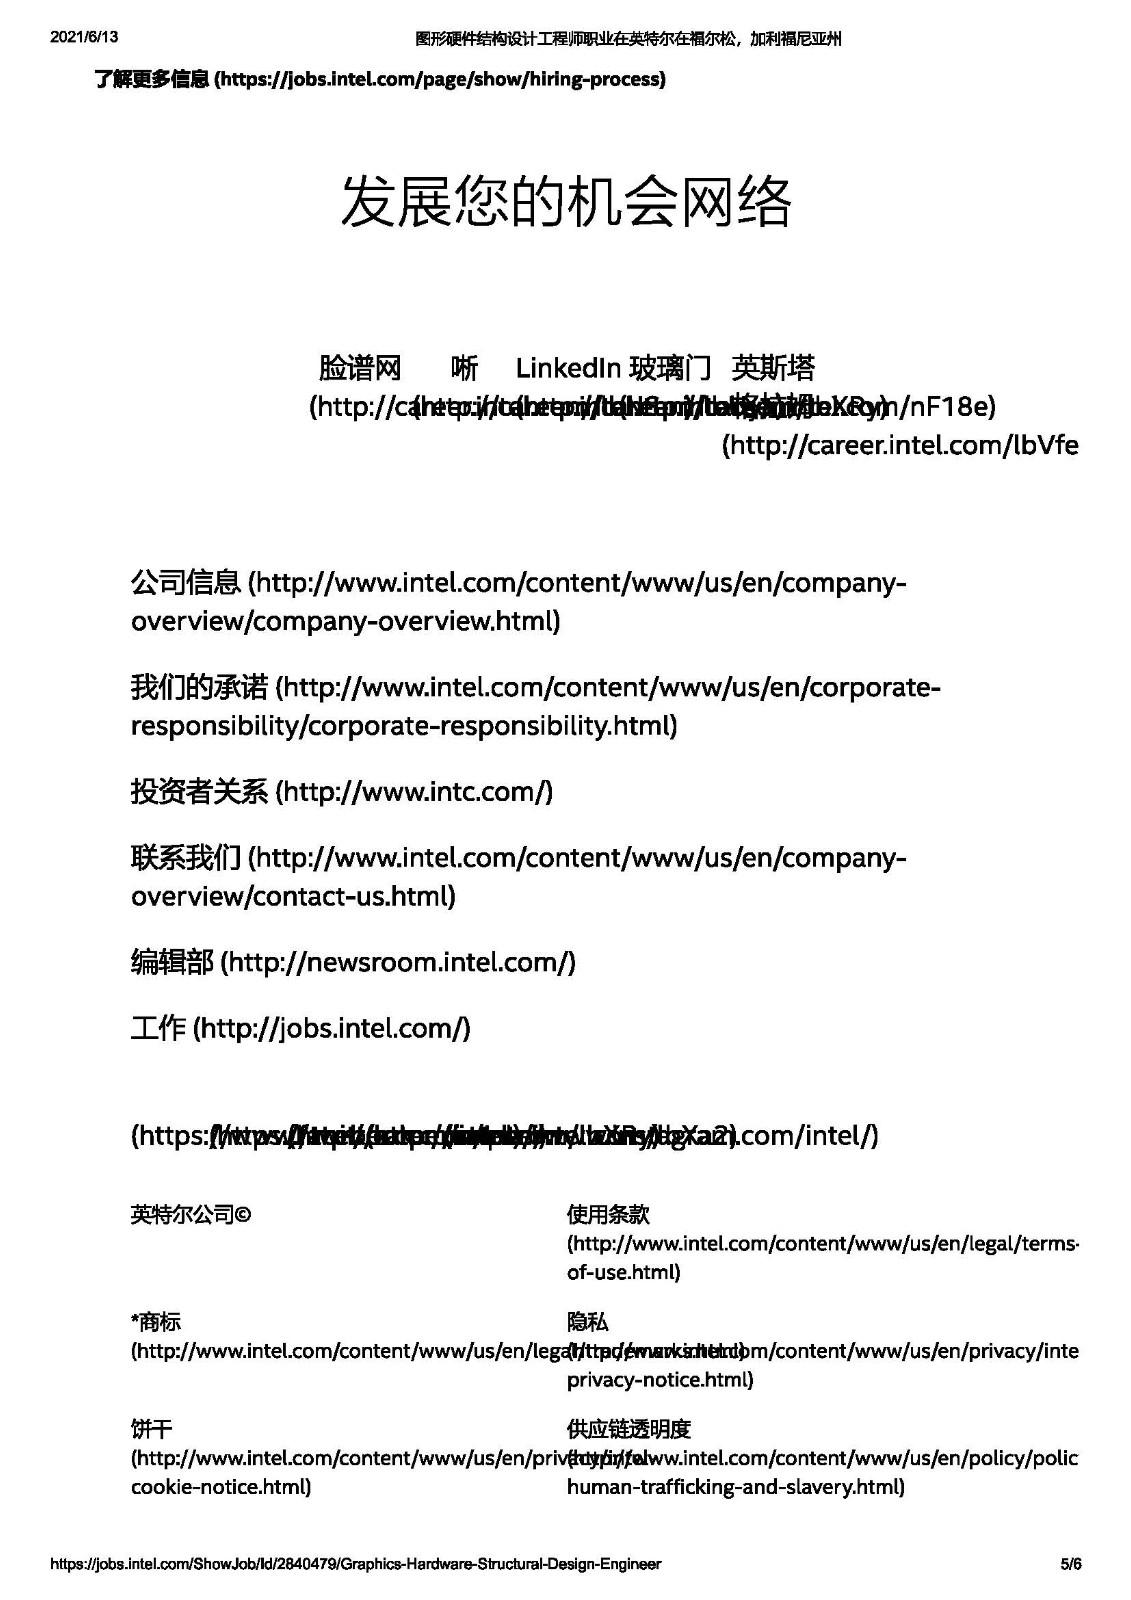 招聘标准——intel公司_图1-8